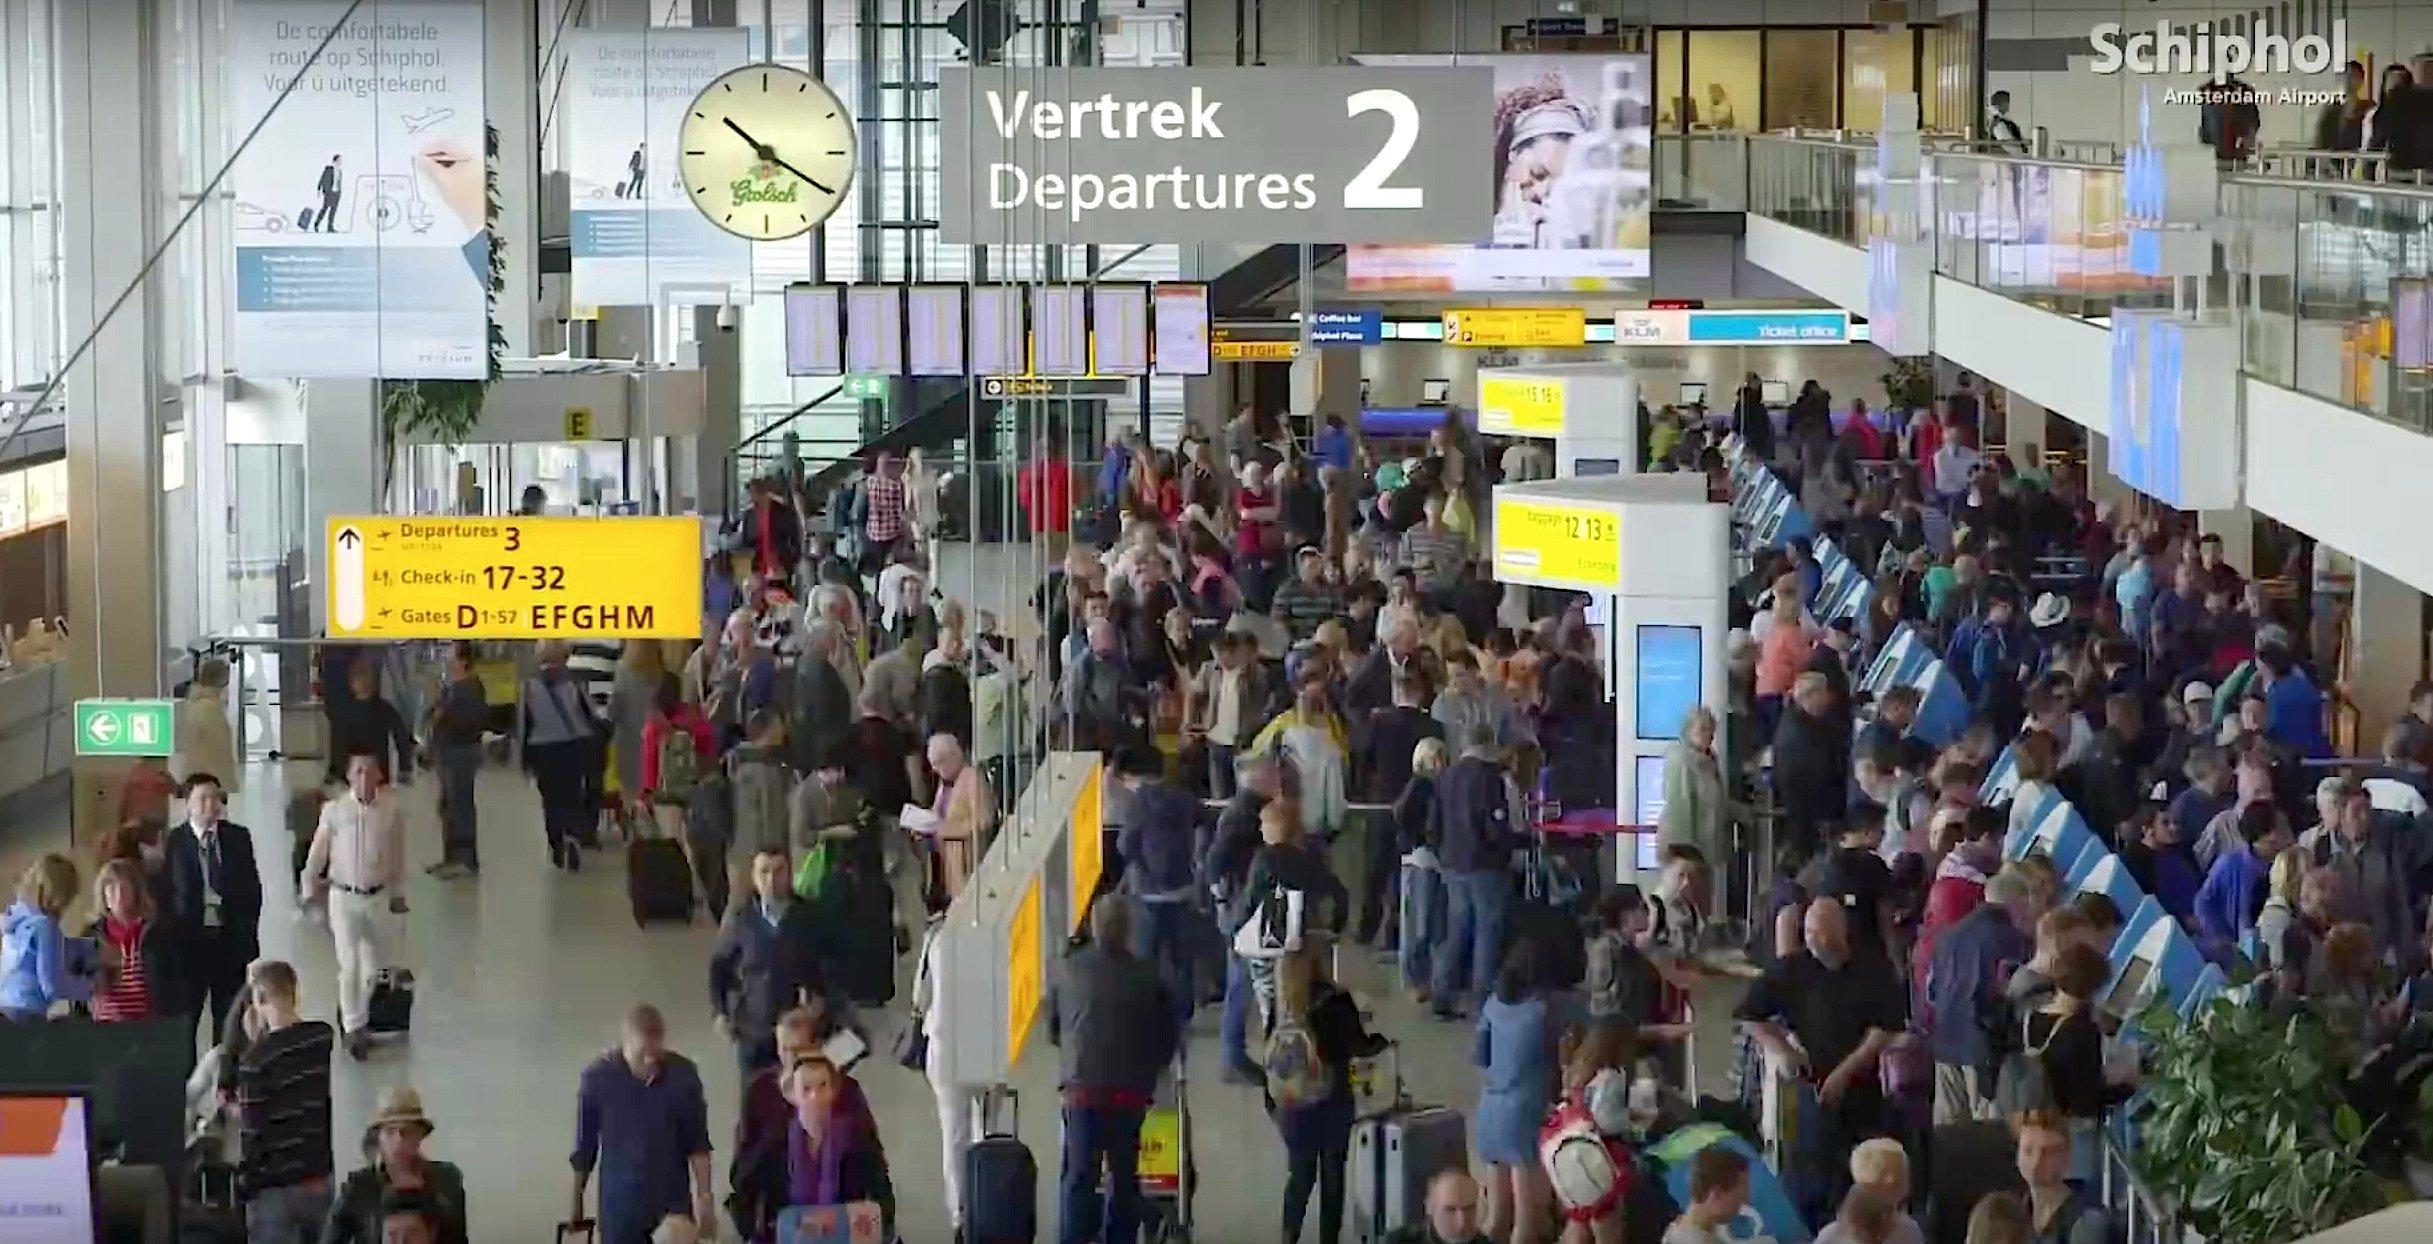 Flughafenhalle im Airport Schiphol in Amsterdam: Der unterschiedliche Andrang von Passagieren stellt die Logistiker vor große Probleme. Gepäckwagen und Flugsteigtreppen werden ständig an anderer Stelle gebraucht. Doch einen Überblick, wo sich welches Gerät gerade befindet, hatten Flughäfen bislang nicht.